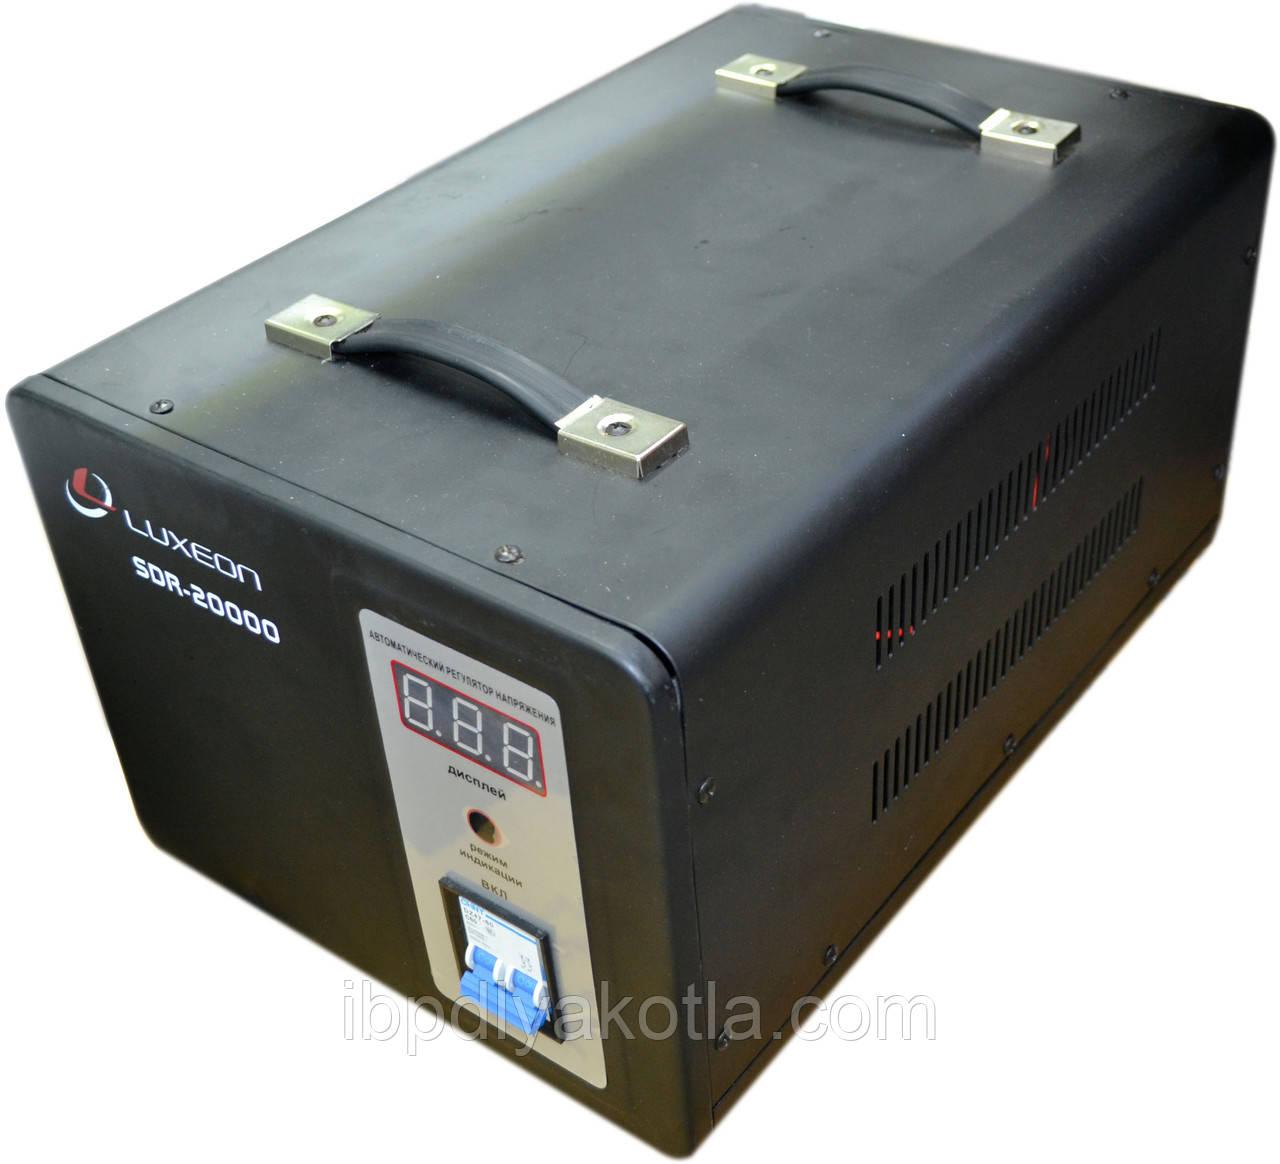 Стабилизатор напряжения Luxeon SDR-20000VA (12000Вт)